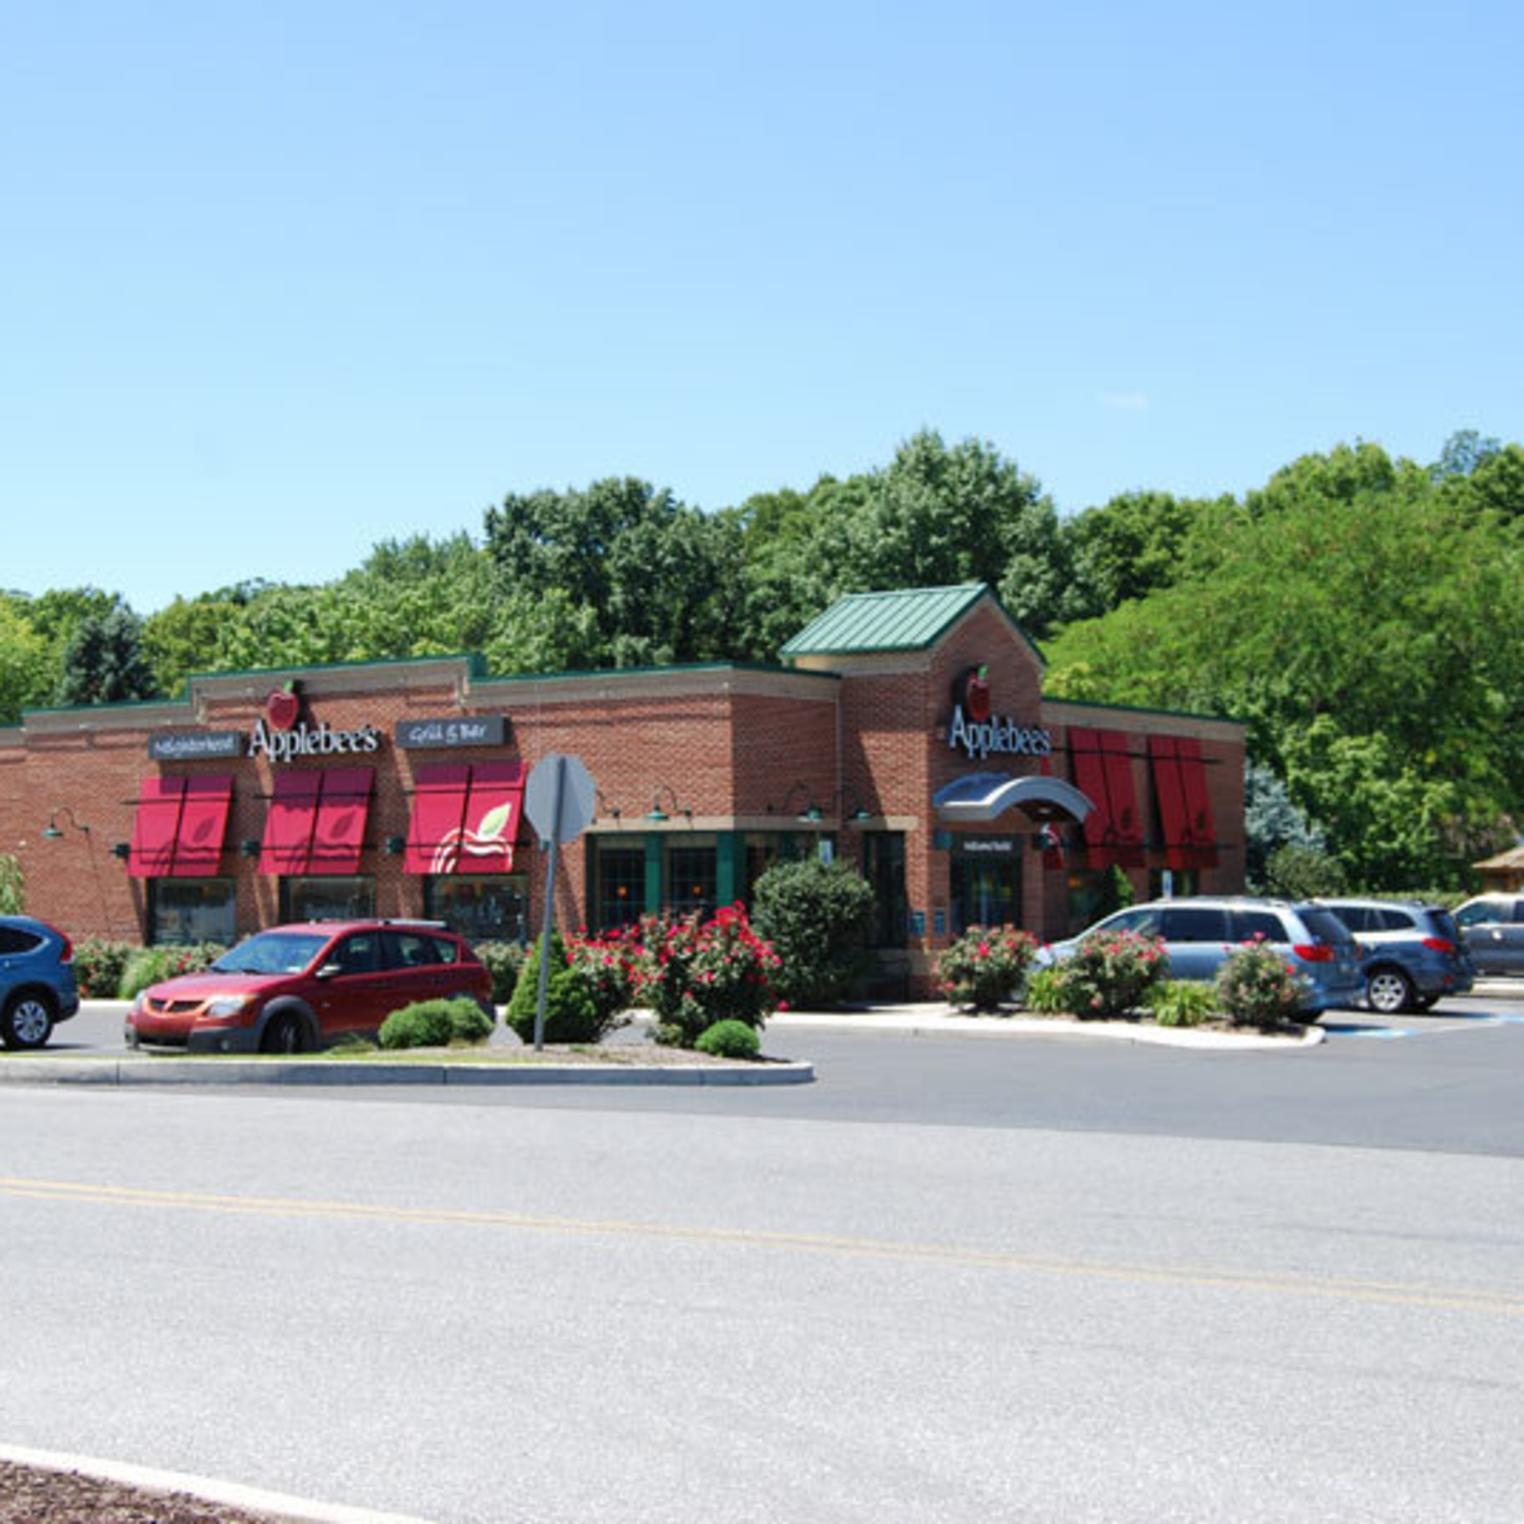 Applebee's Carlisle